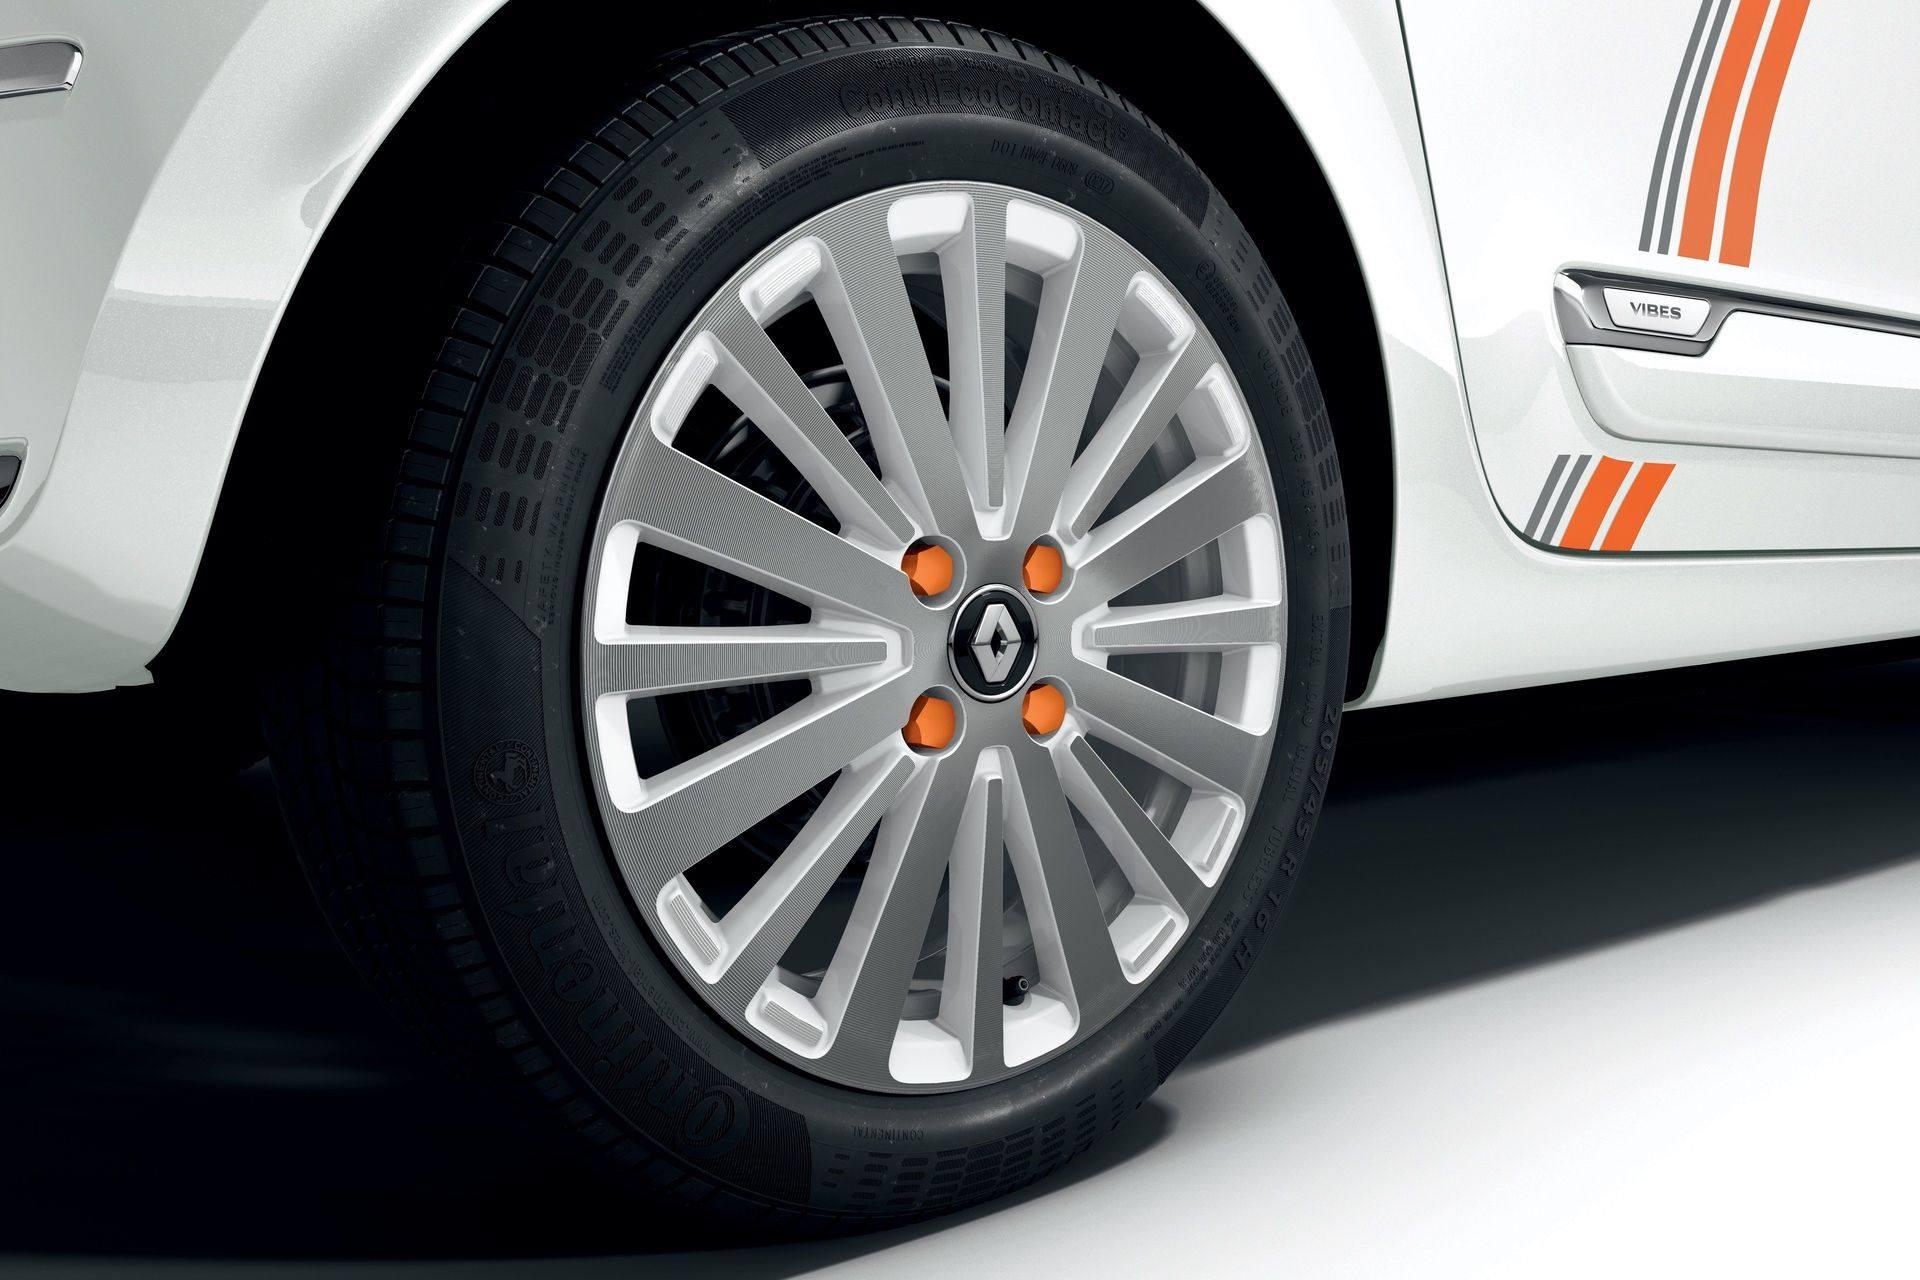 Renault_Twingo_ZE_Vibes_0007